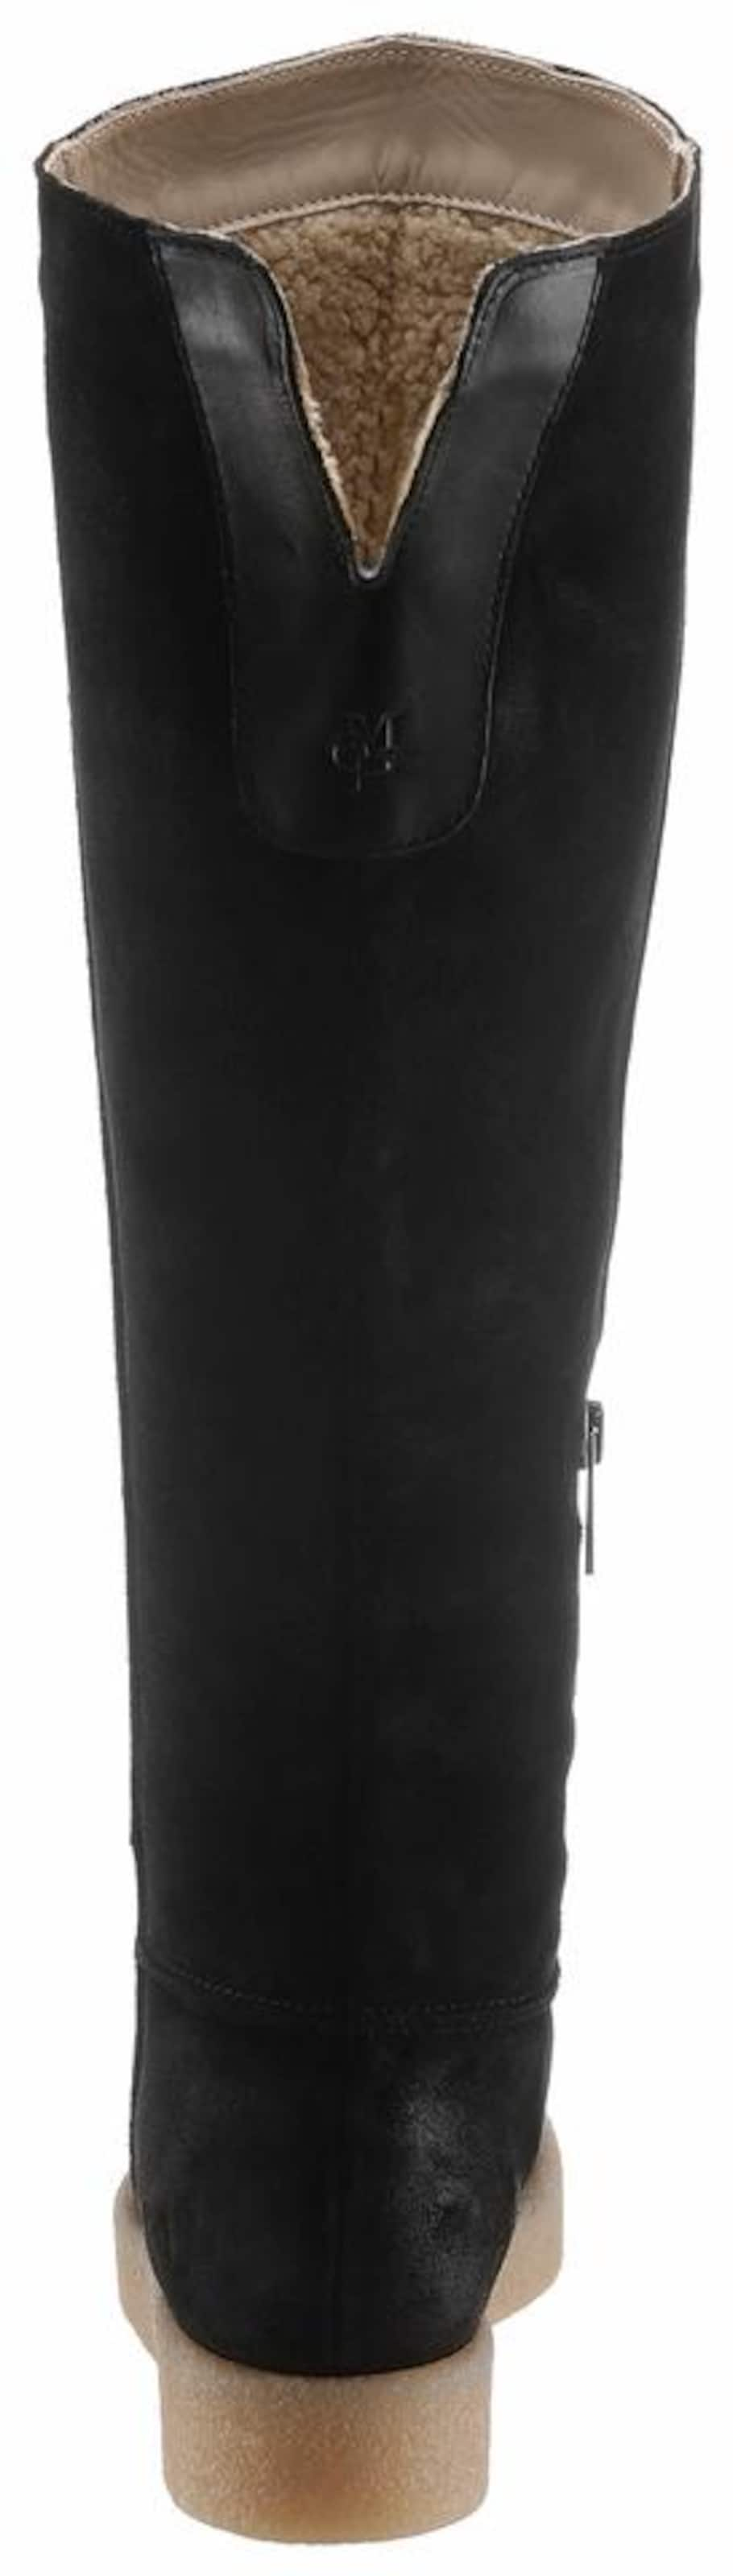 Aus Deutschland Verkauf Sehr Billig Marc O'Polo Stiefel Gutes Angebot Günstig Versandkosten Rabatt Perfekt gquETxtek